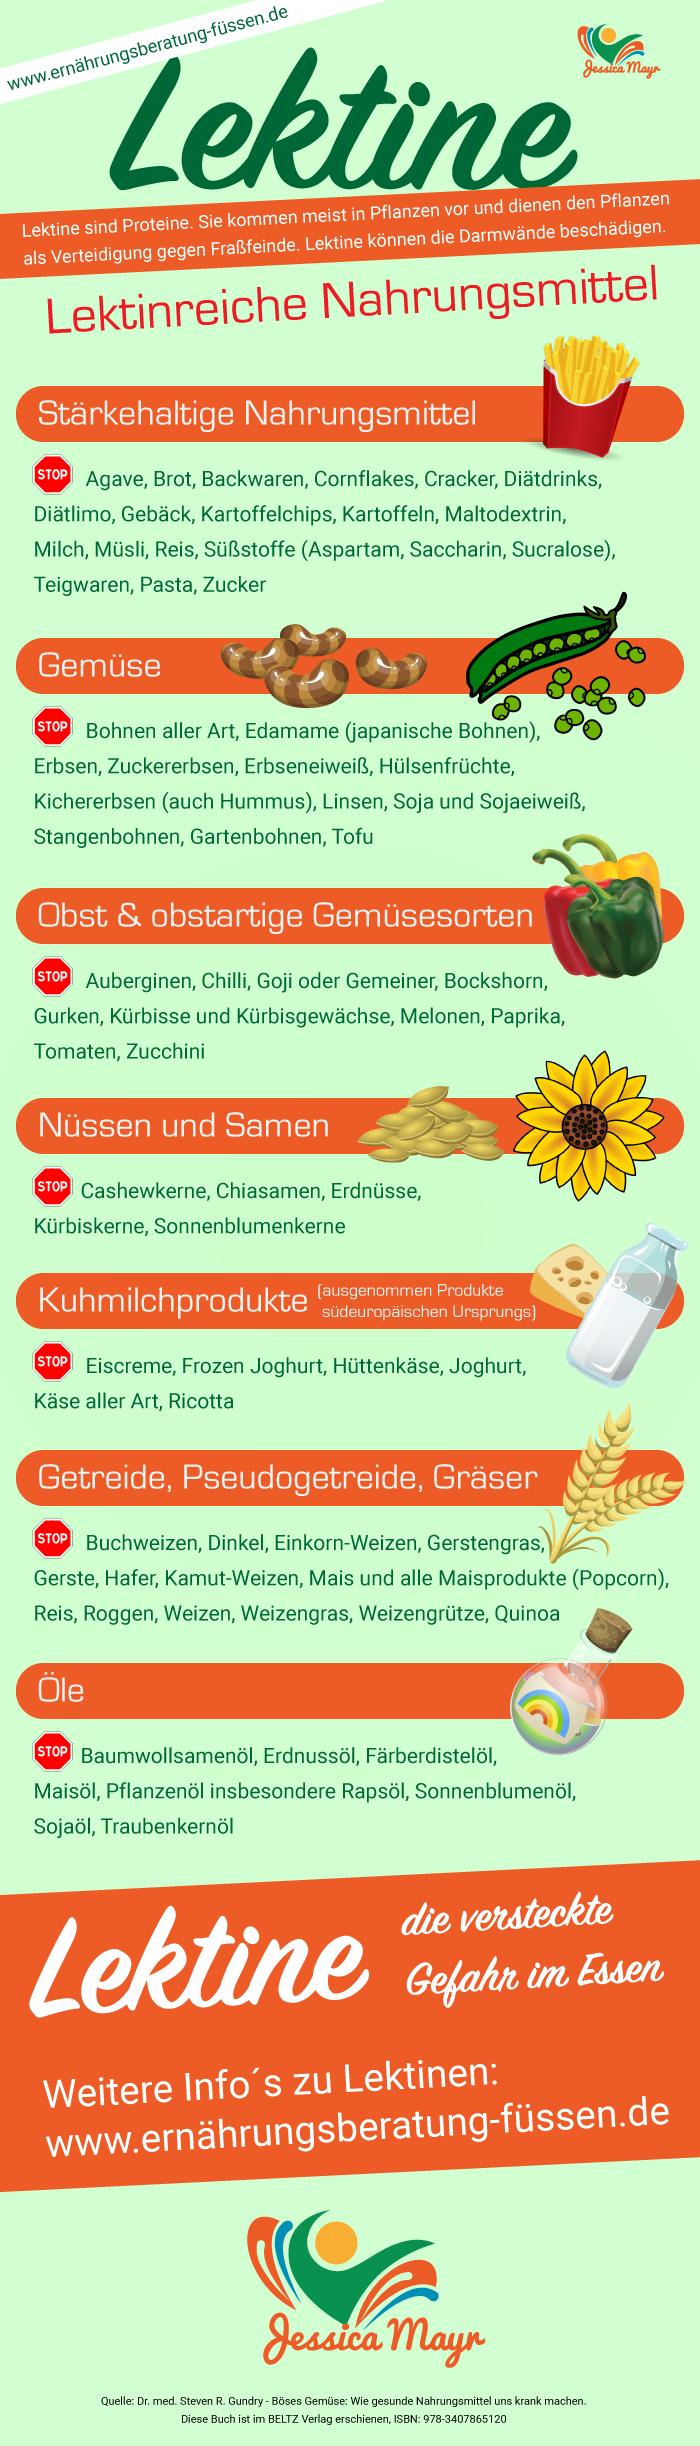 Infografik zu lektinreicher Nahrung, Obst und Gemüse